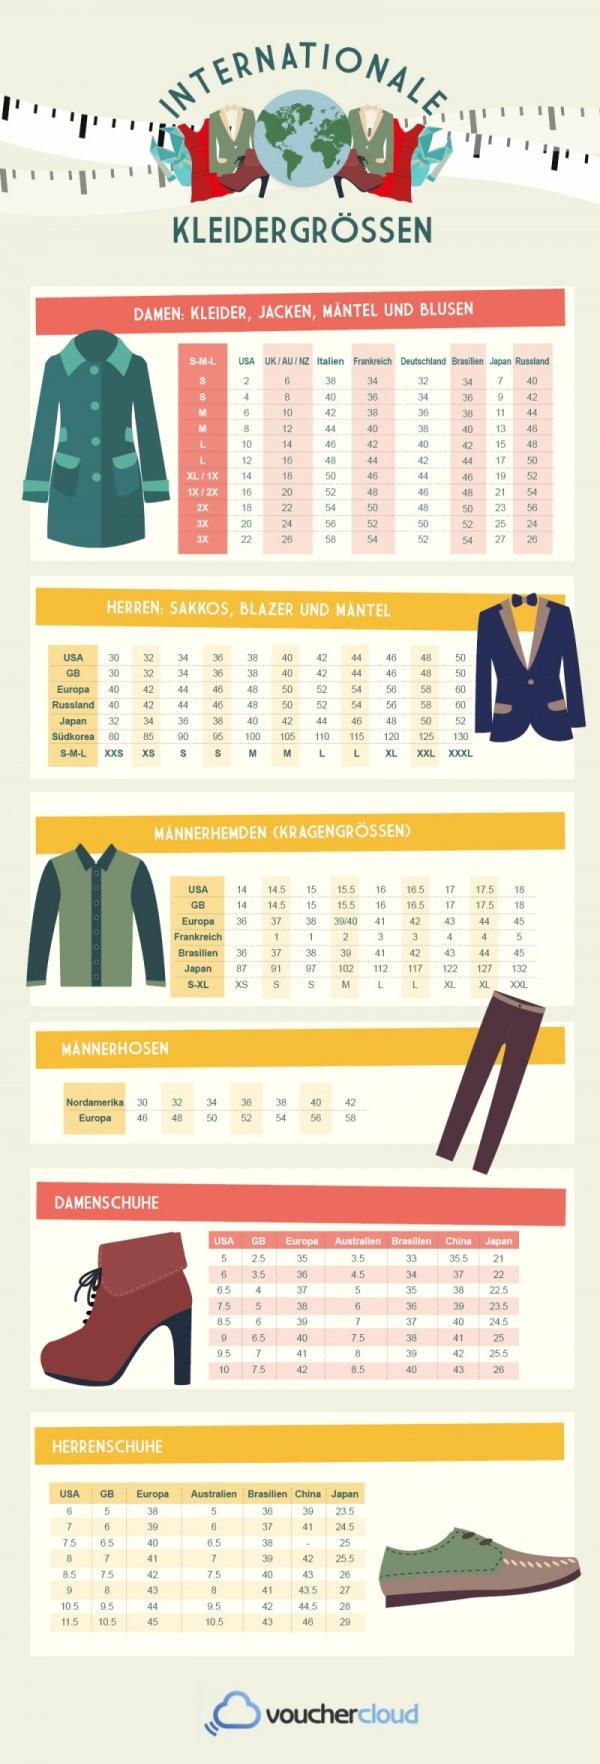 Kleidungsgrößen im internationalen Vergleich